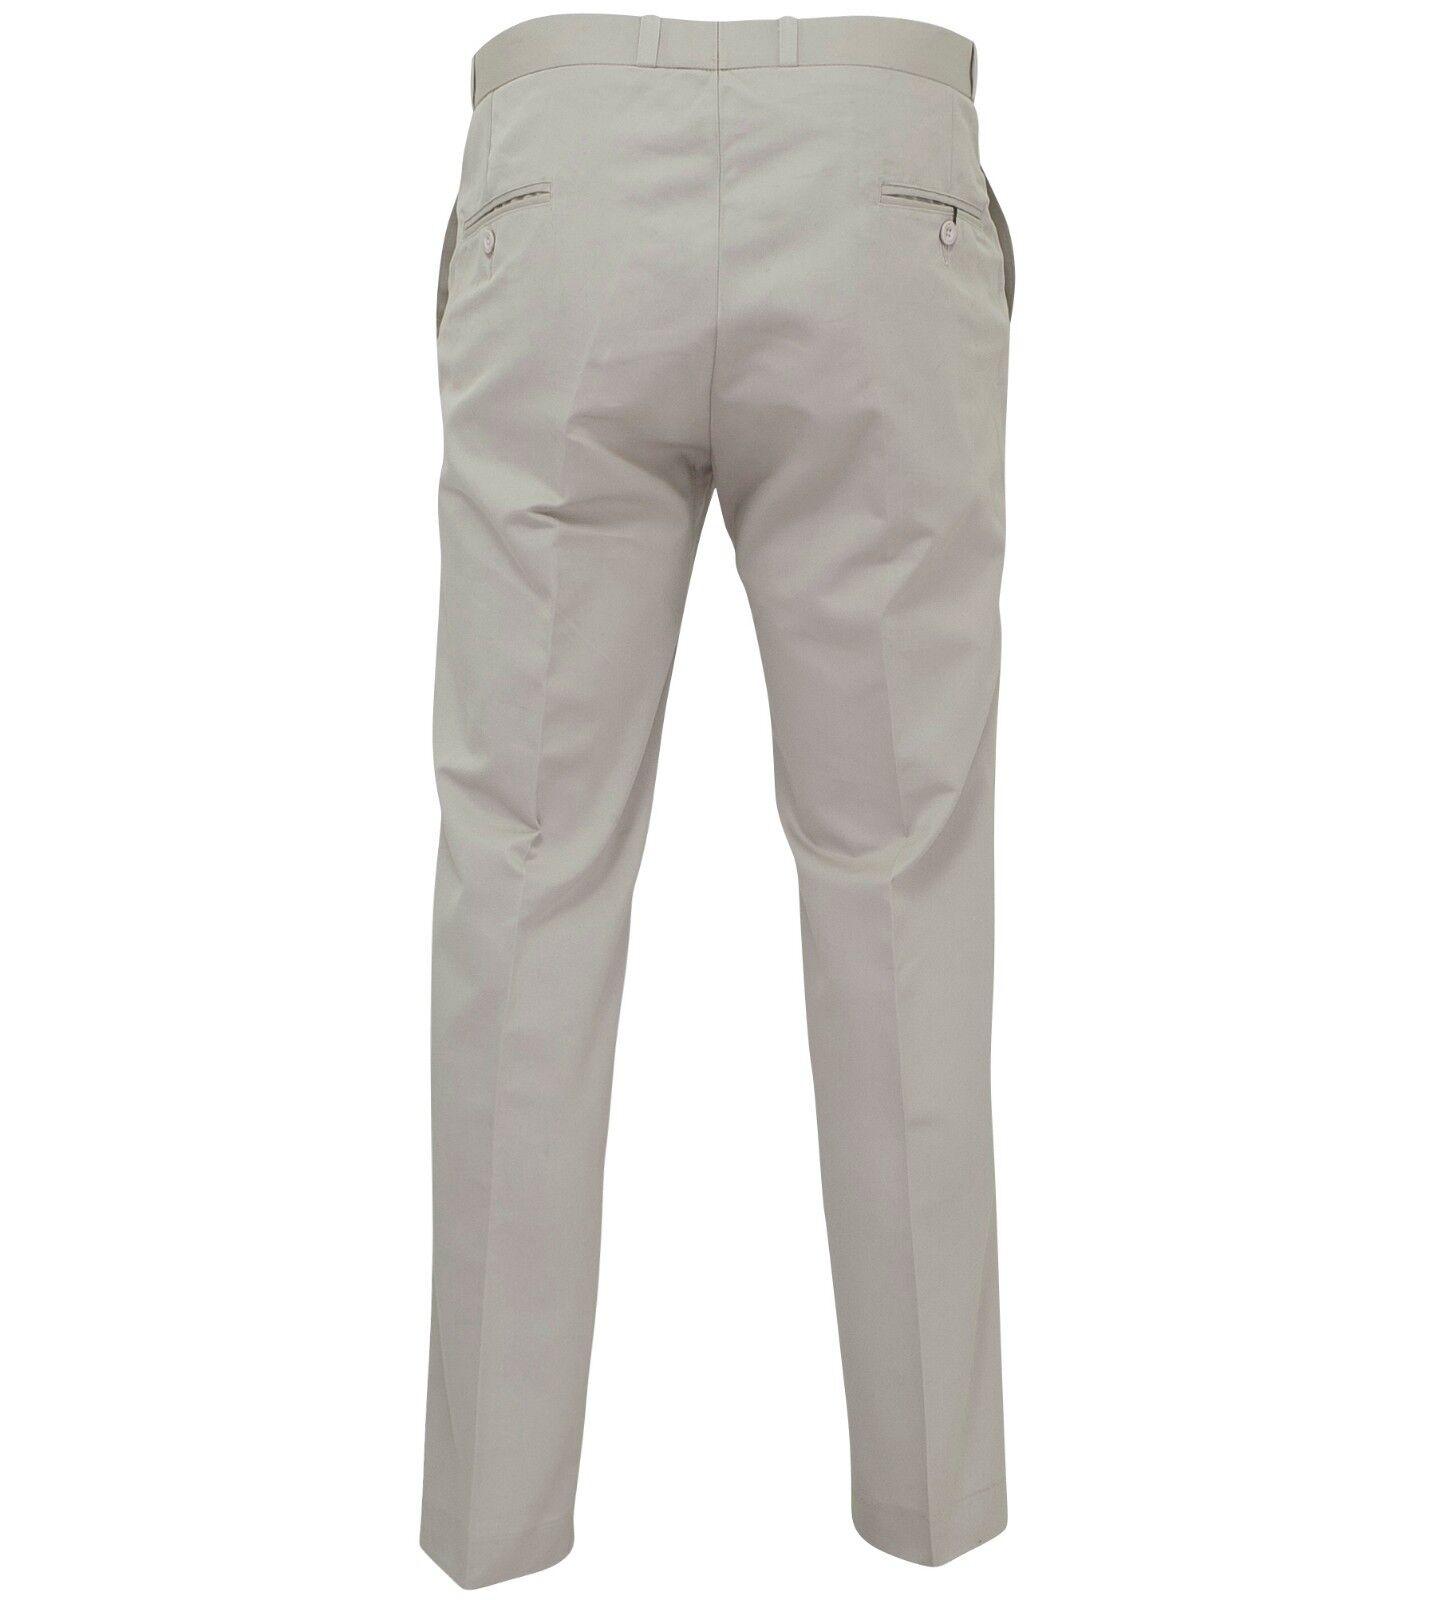 Relco Mens Stay Press Stone Beige Trousers Sta Press Retro Retro Retro Mod Skin Ska VTG | Luxus  | Gute Qualität  | Kaufen Sie beruhigt und glücklich spielen  | Schön In Der Farbe  | Zu verkaufen  b92e39